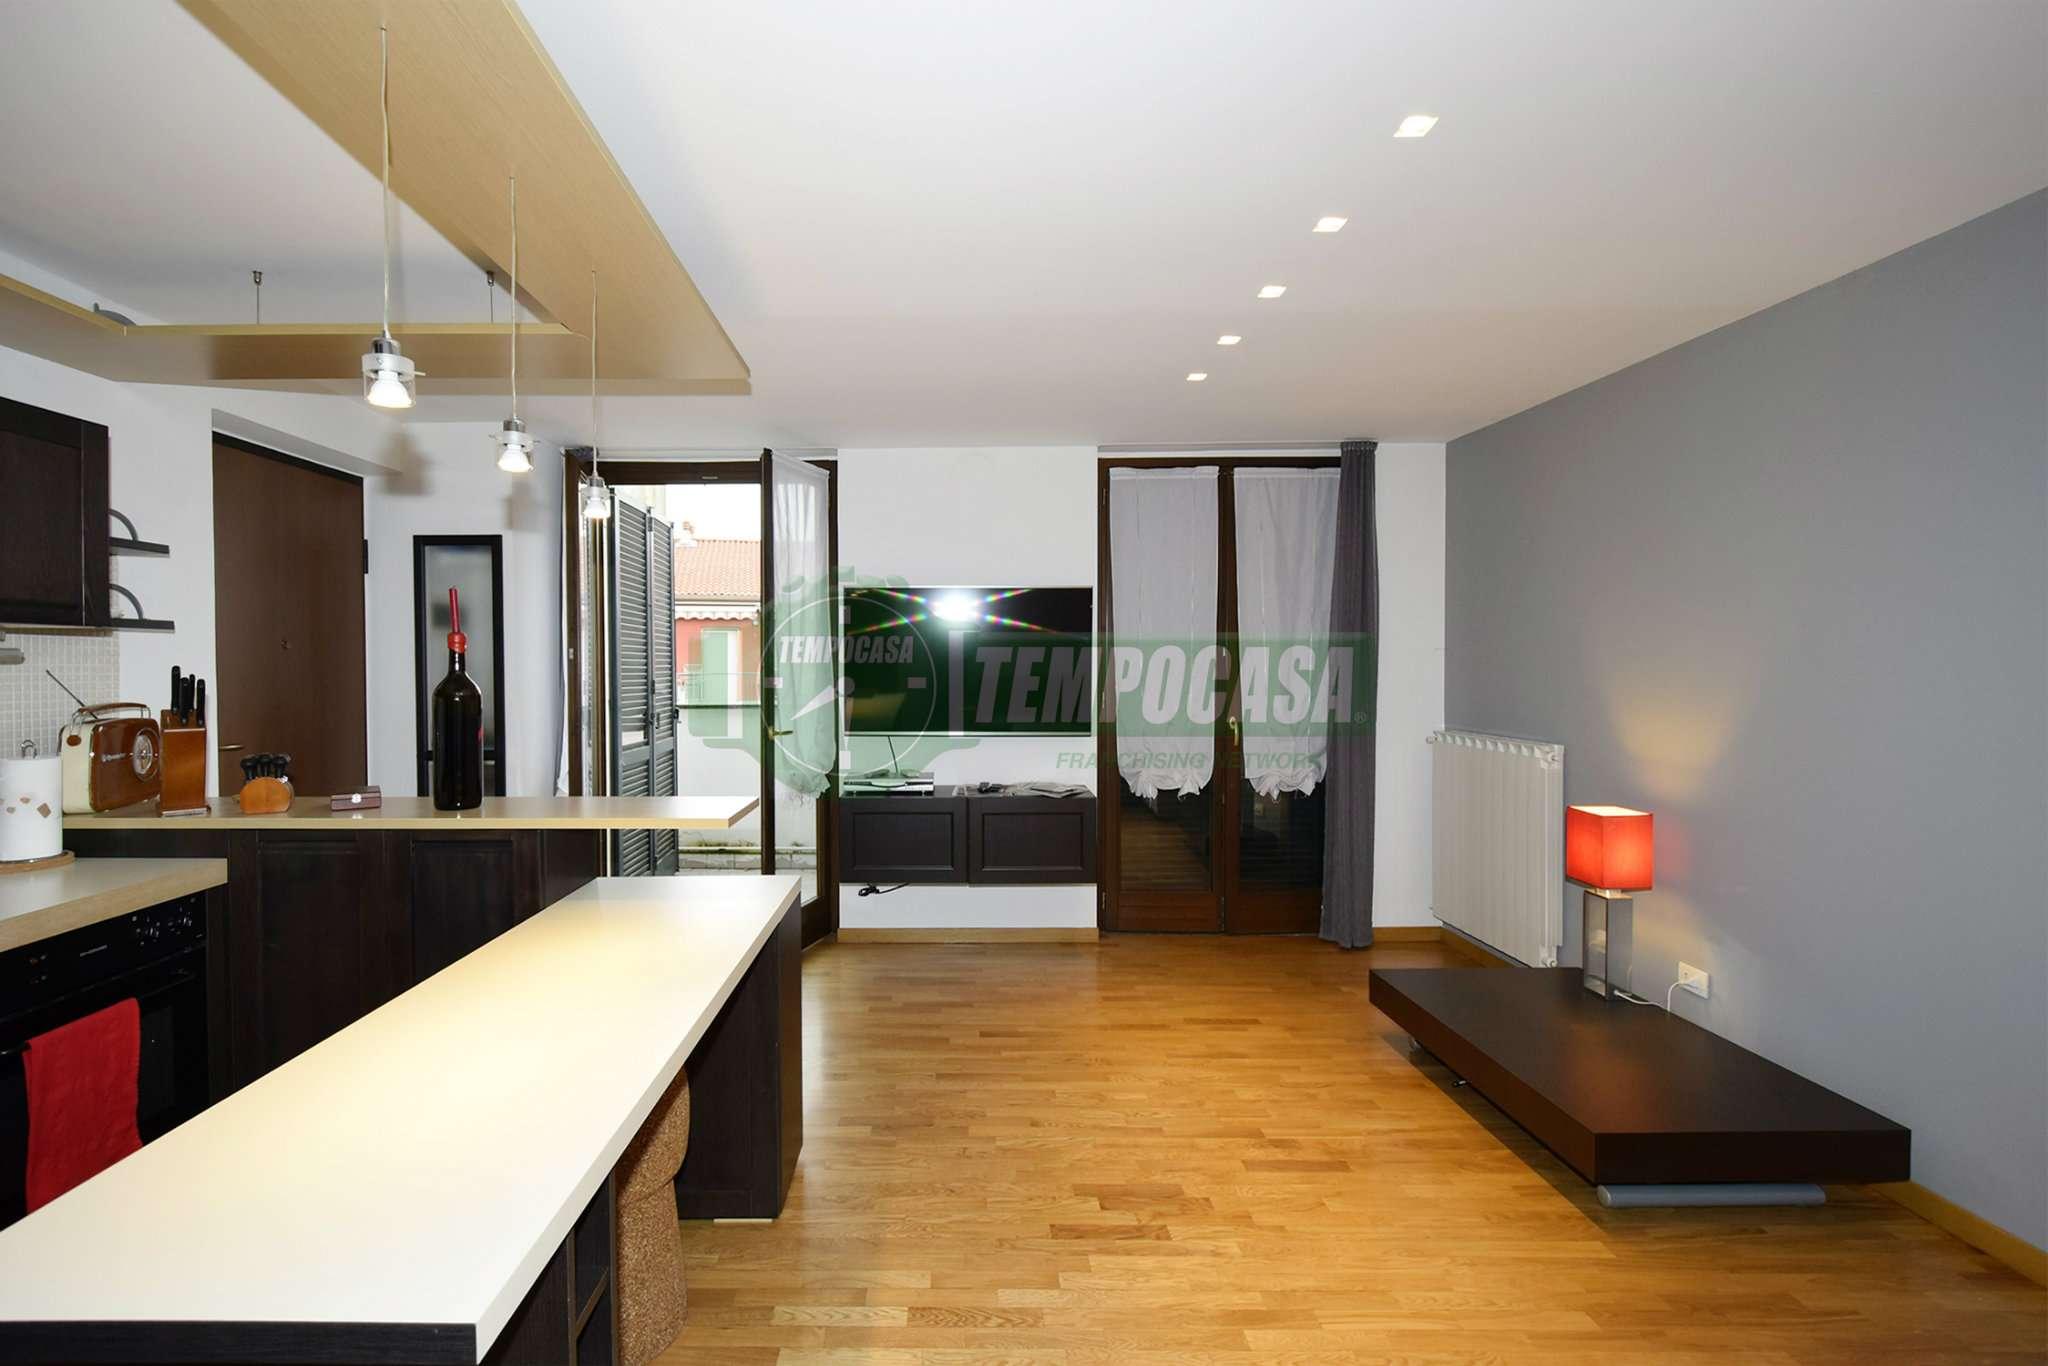 Appartamento in vendita a Settimo Milanese, 2 locali, prezzo € 118.000 | CambioCasa.it